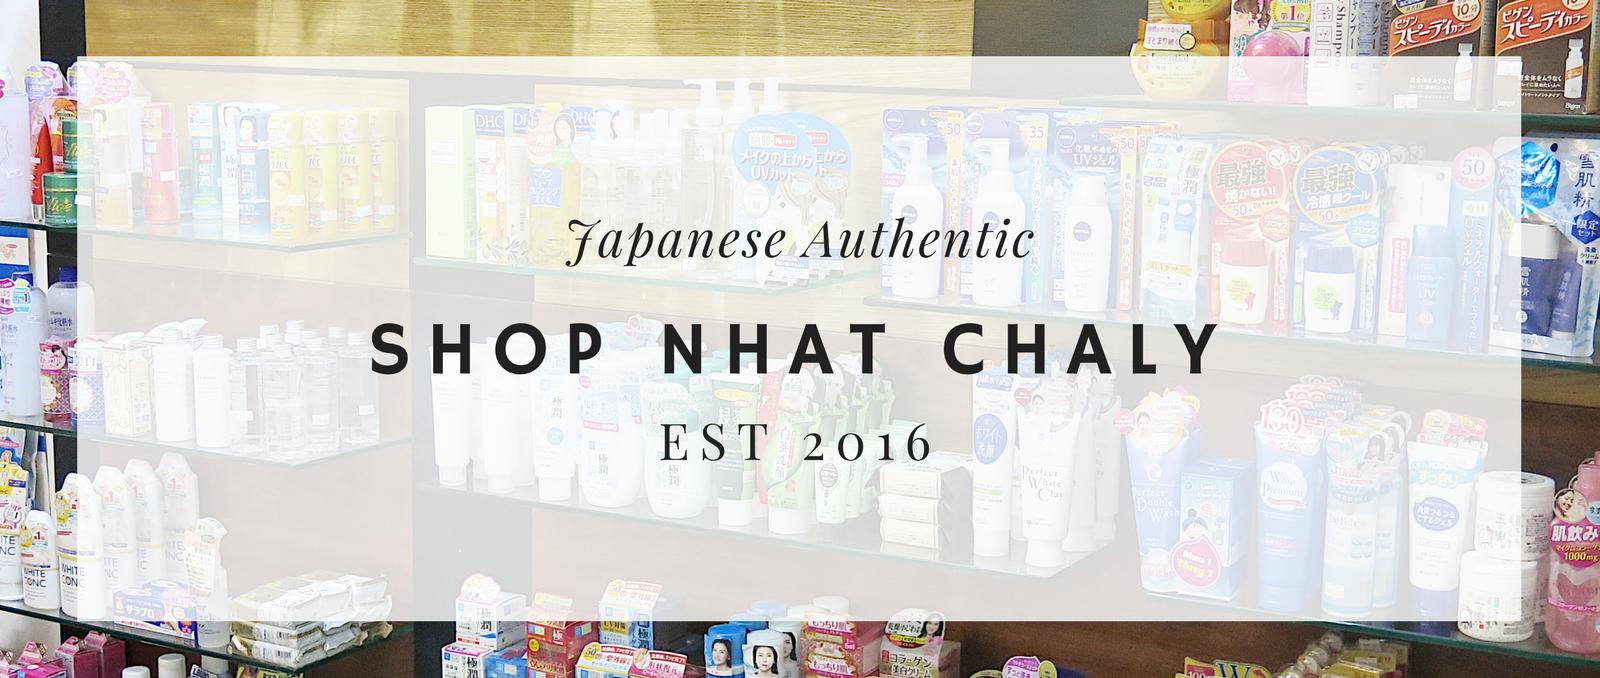 Shop Nhật Chaly – Chuyên tư vấn xách tay hàng Nhật nội địa chính hãng